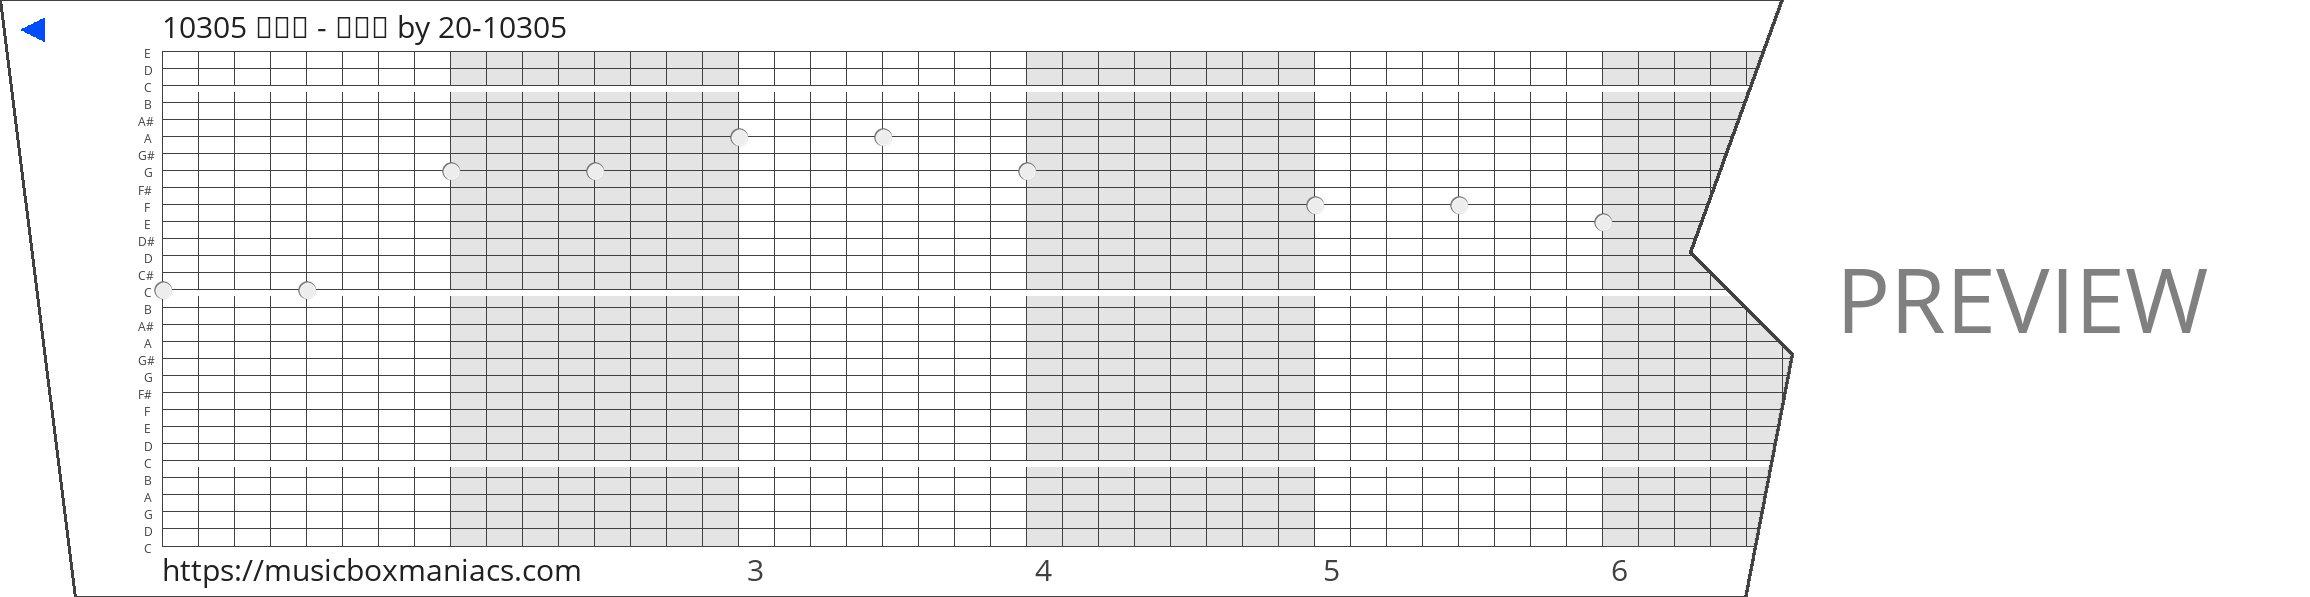 10305 나찬웅 - 작은별 30 note music box paper strip